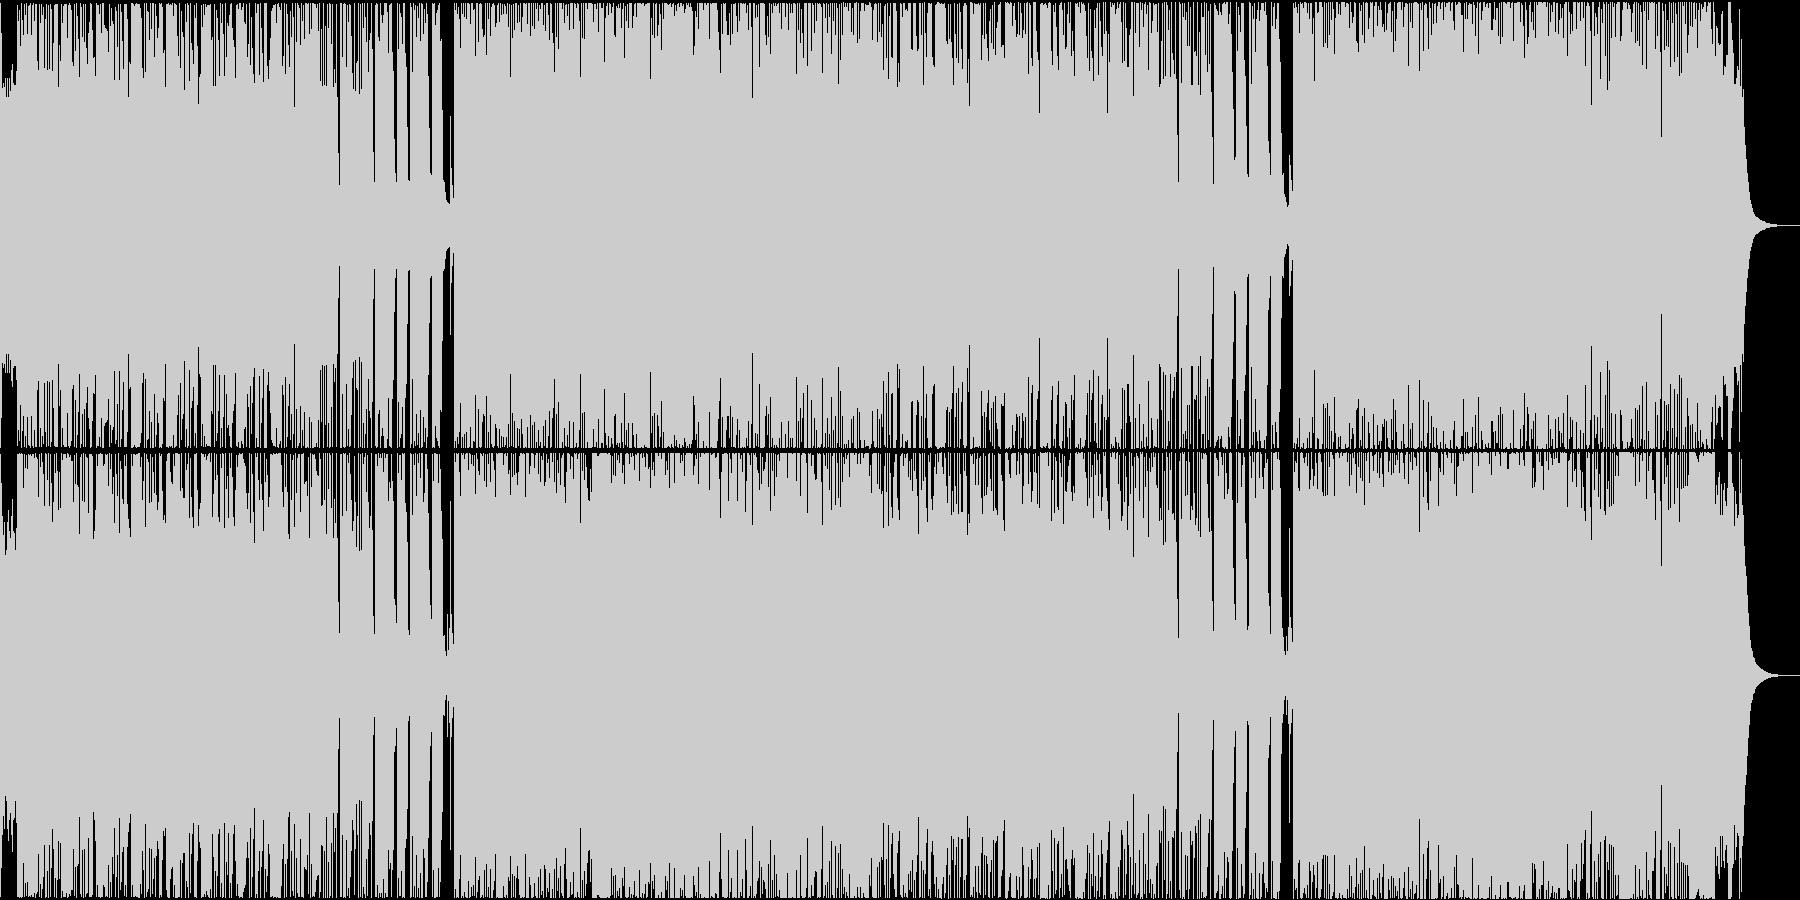 壮大で攻撃的なゲームの戦闘音楽風メタルの未再生の波形